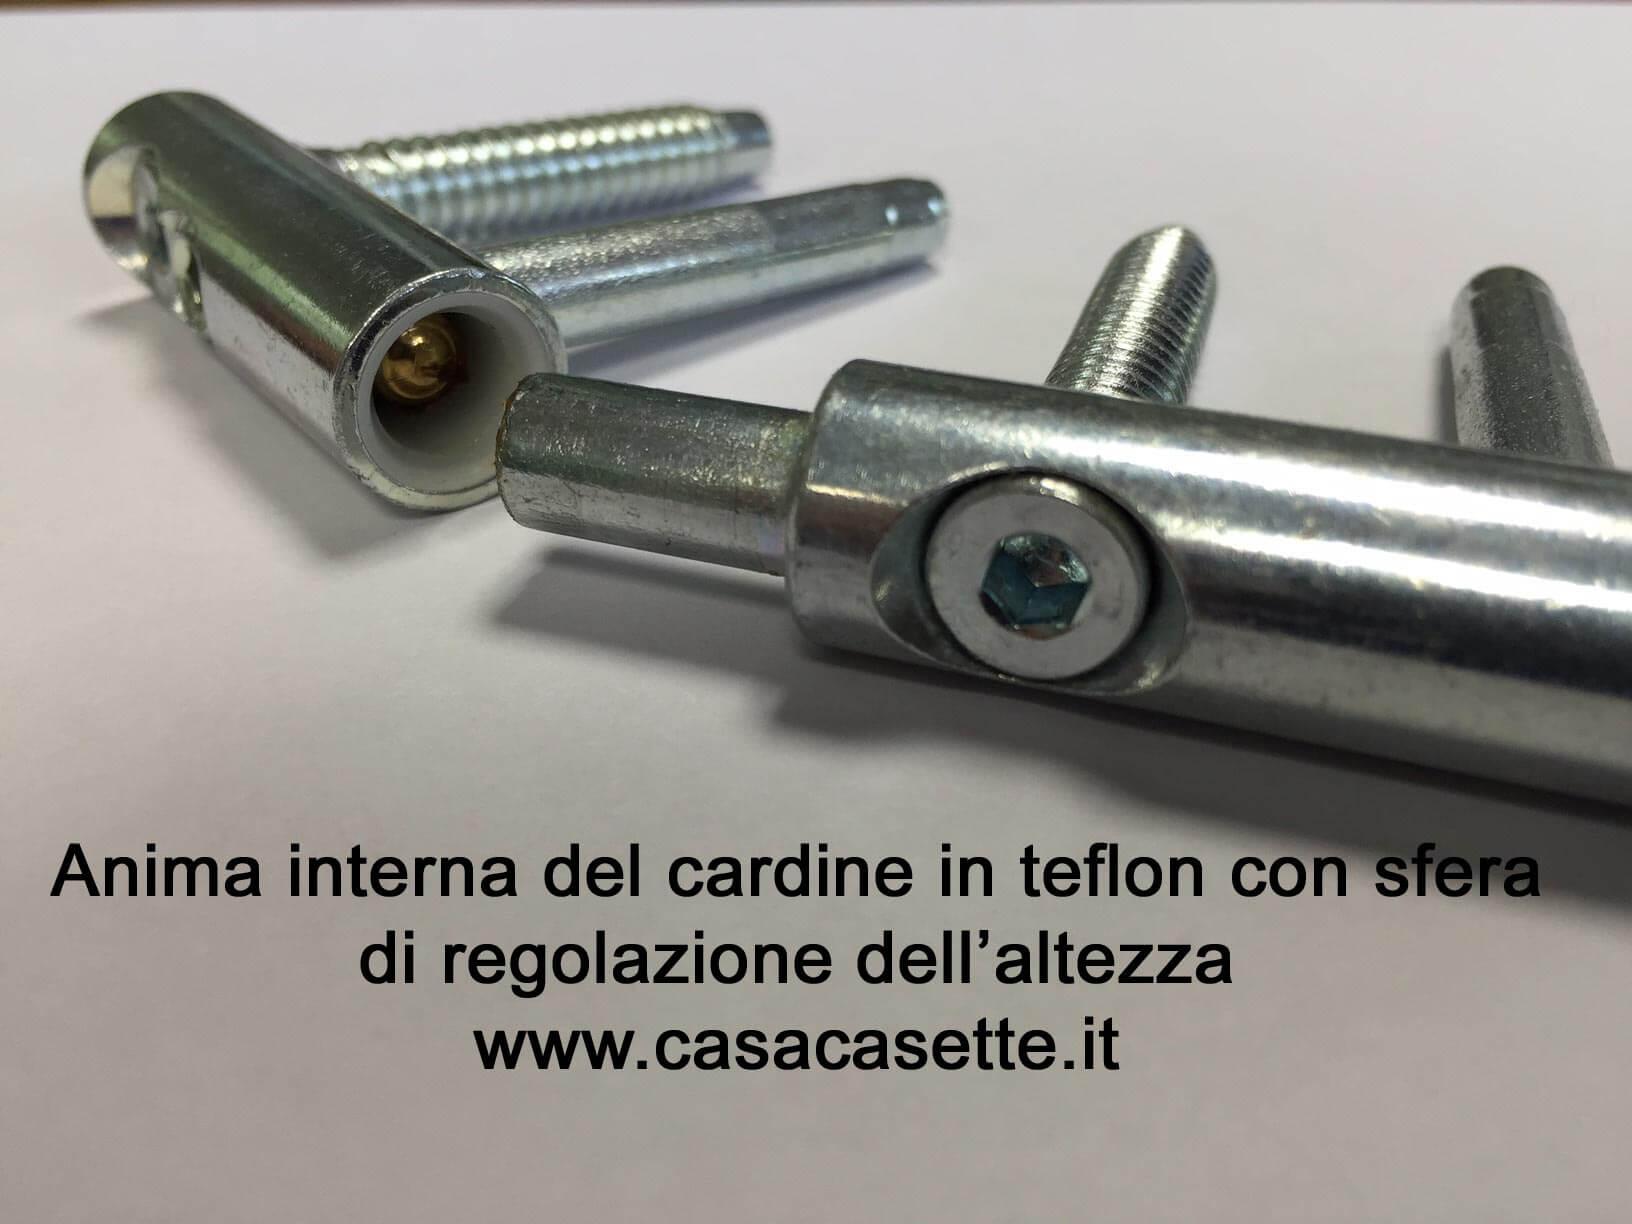 Cardini-casacasette